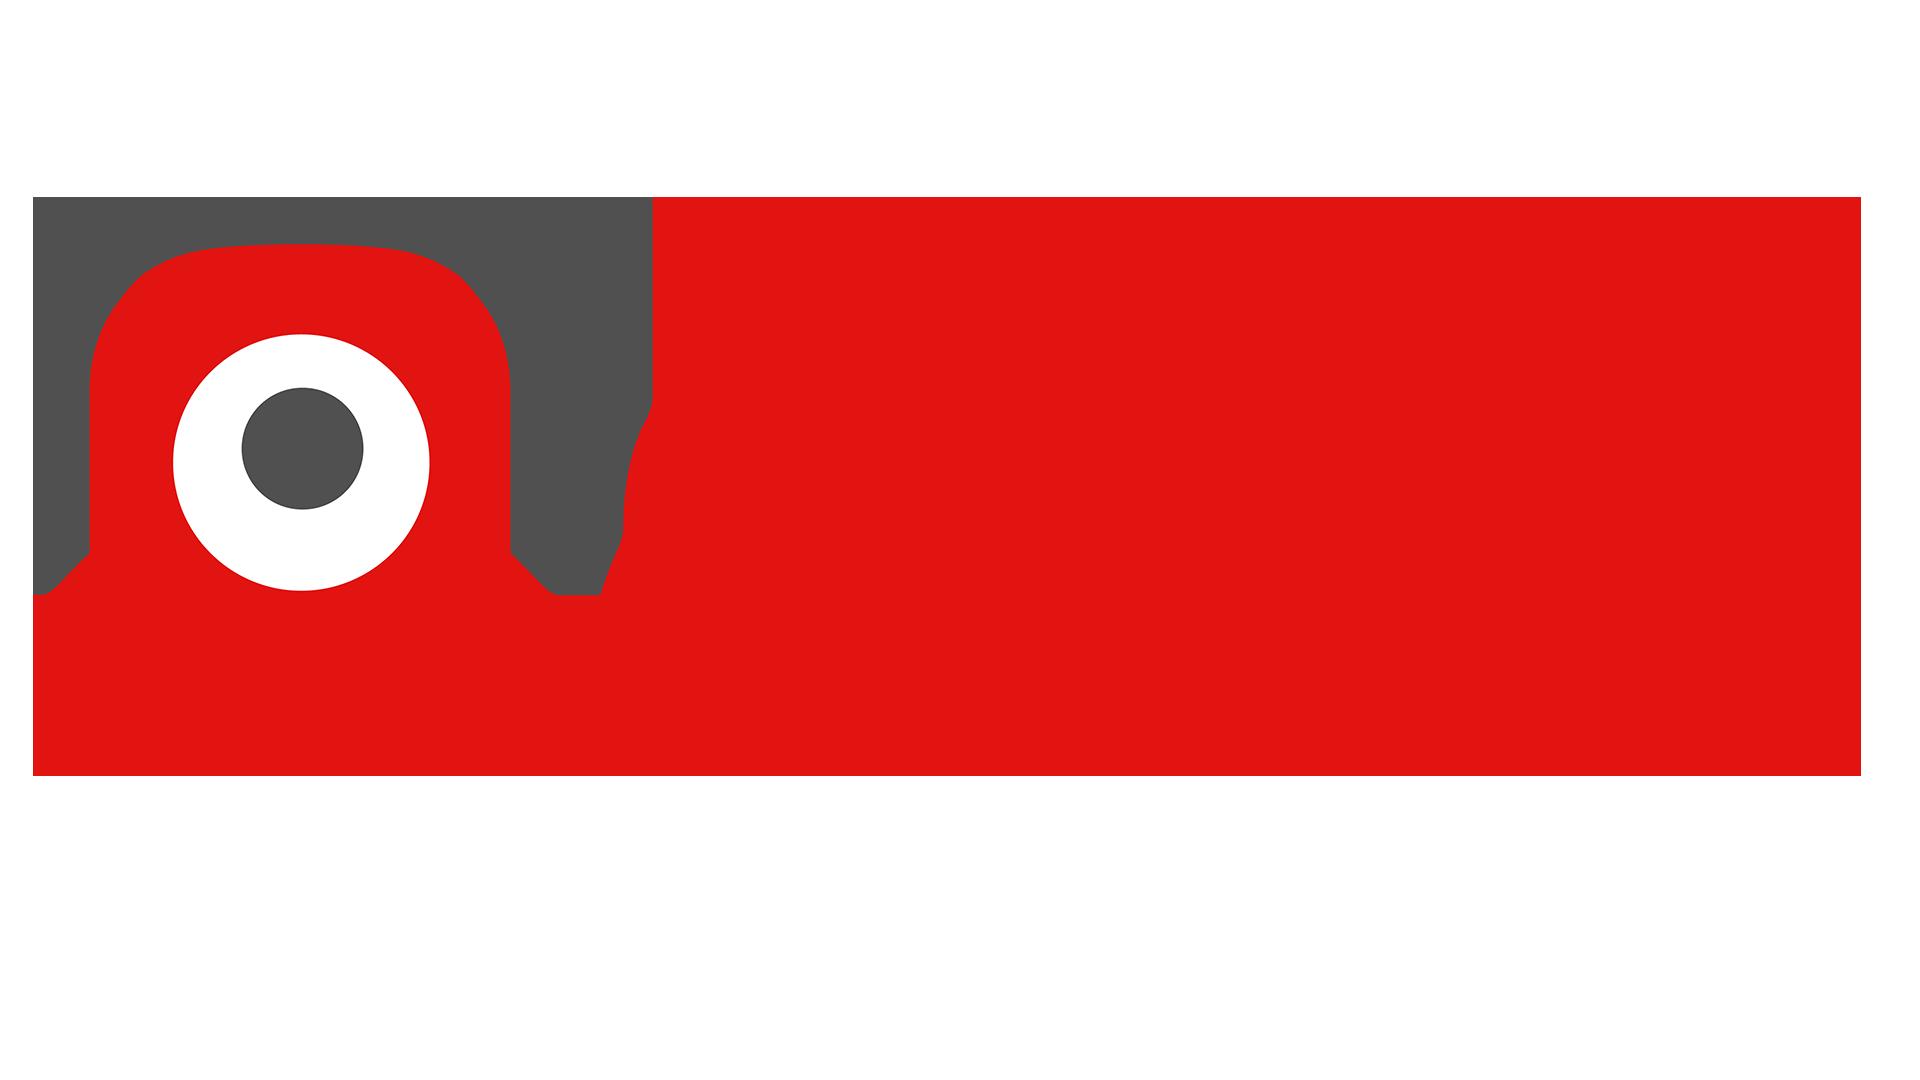 Ooigo